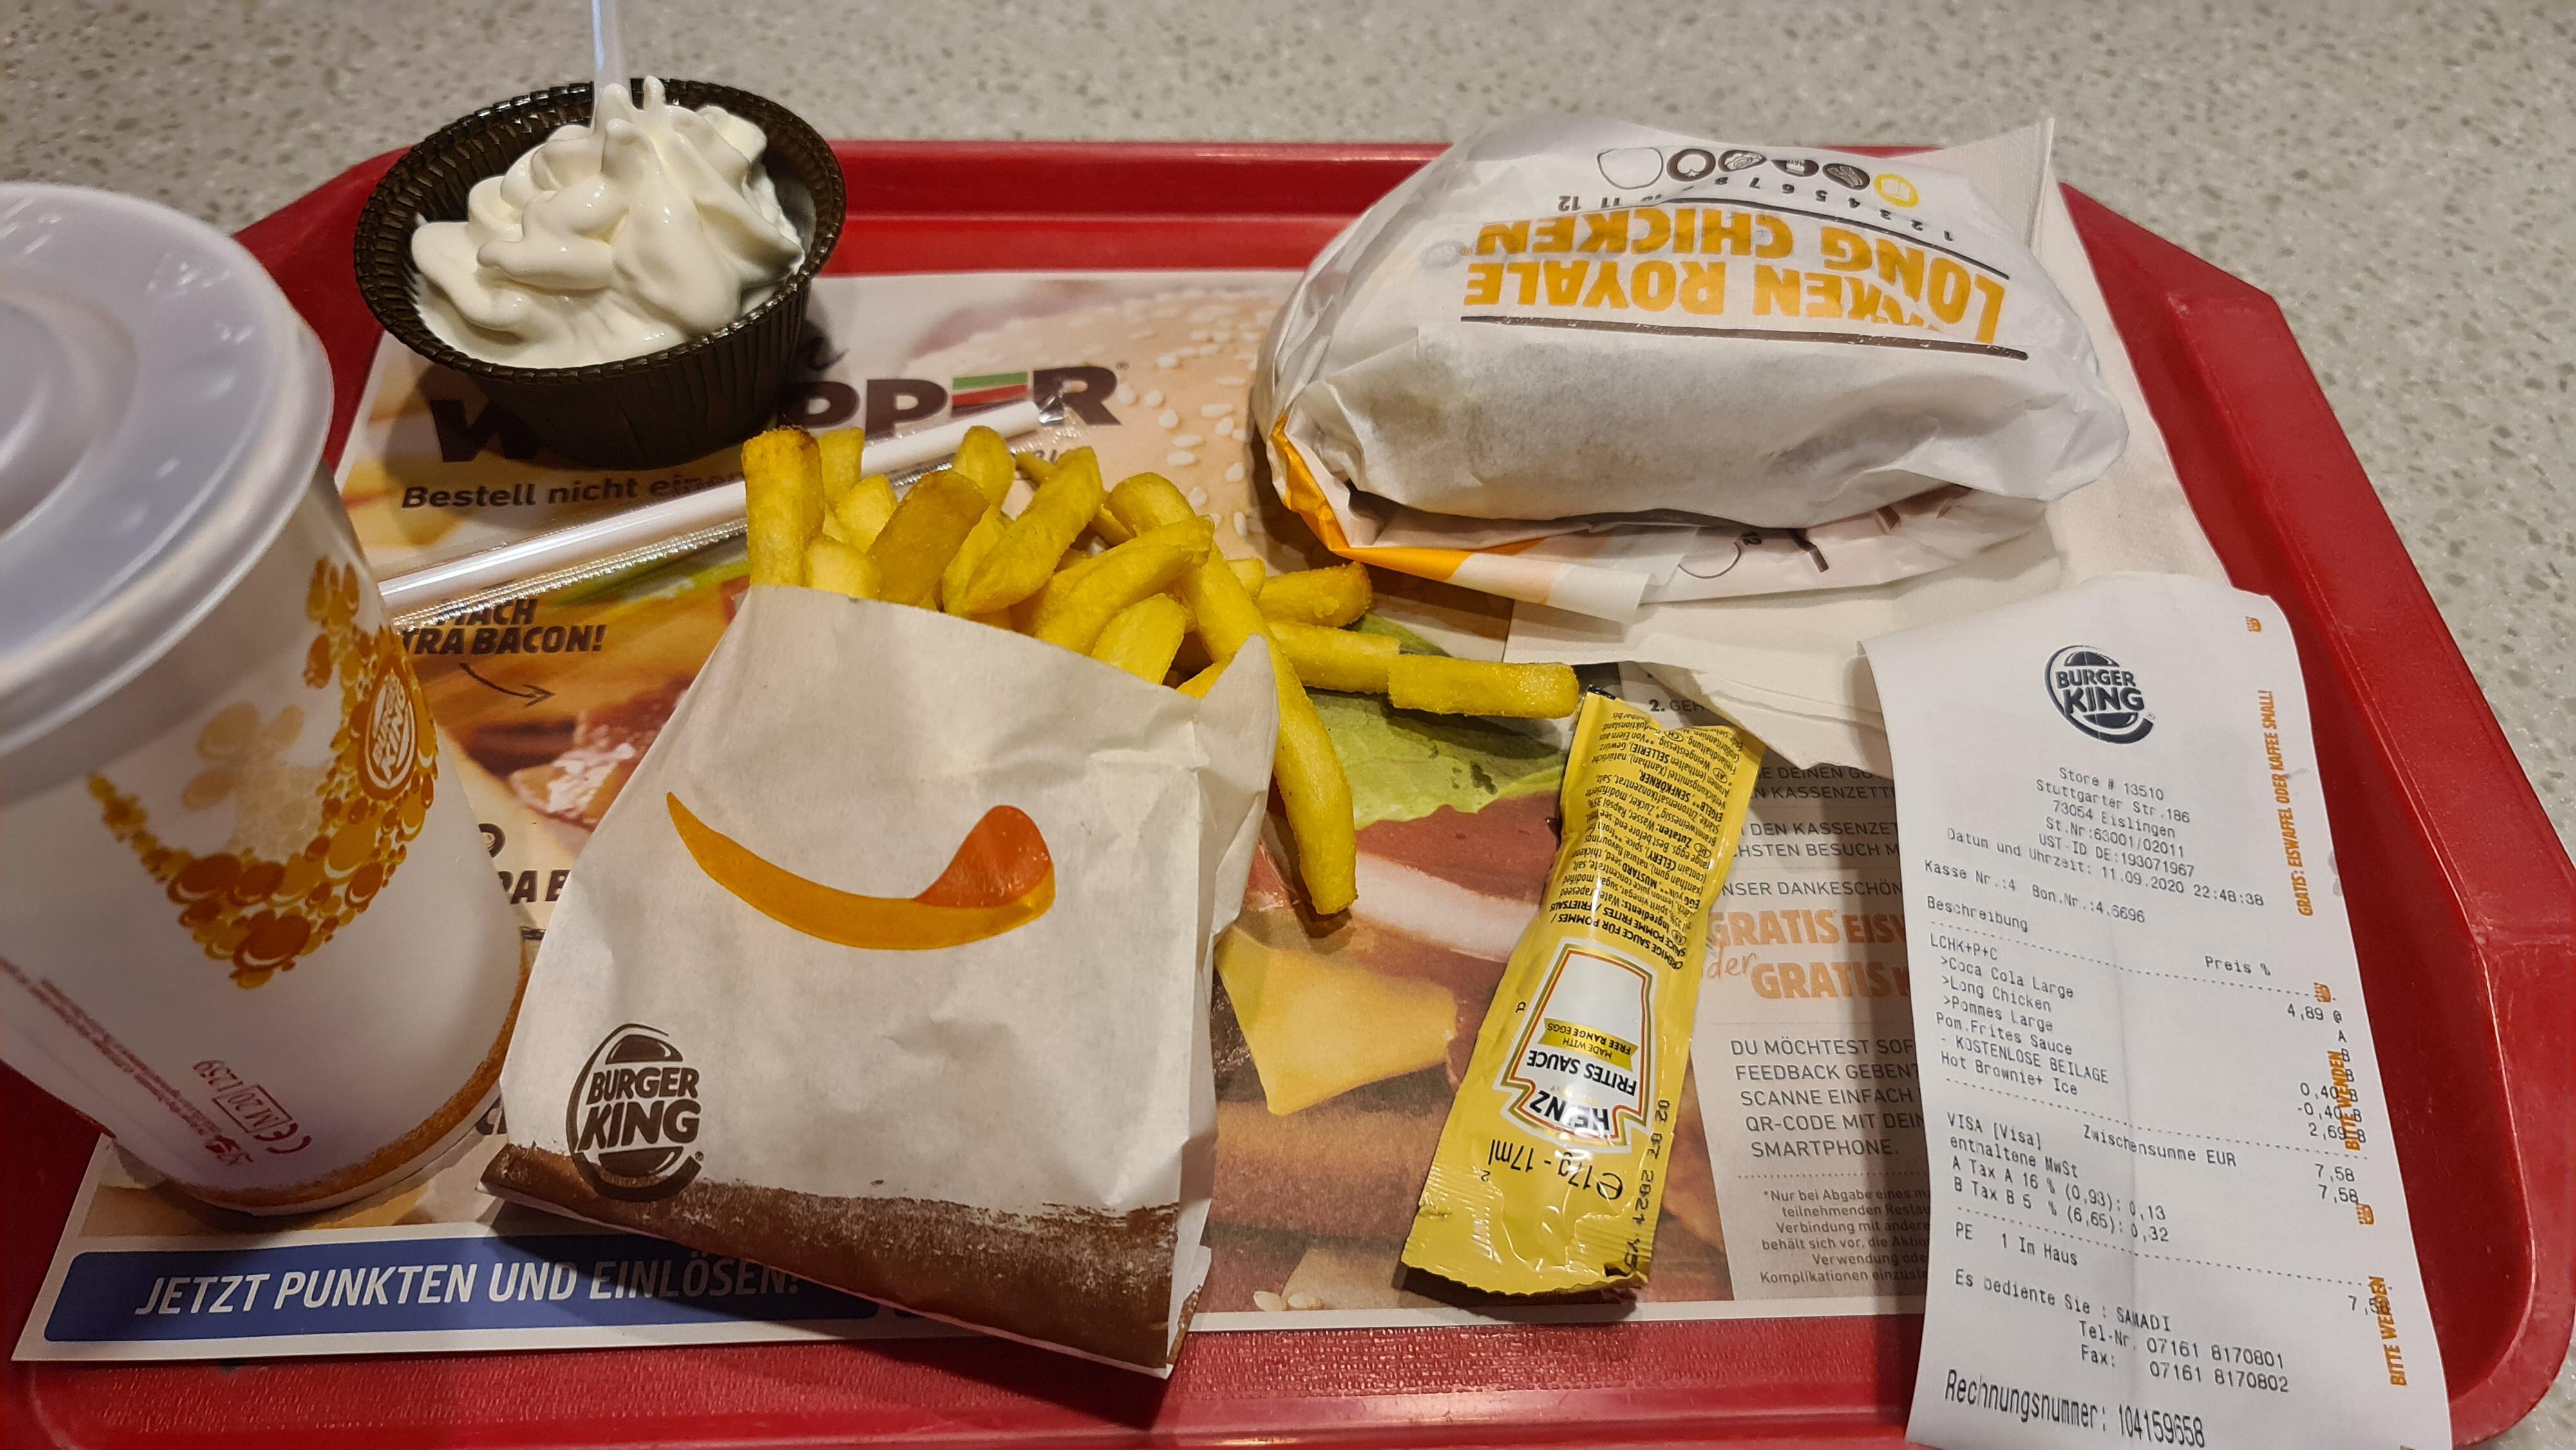 https://foodloader.net/Holz_2020-09-11_Burger_King.jpg